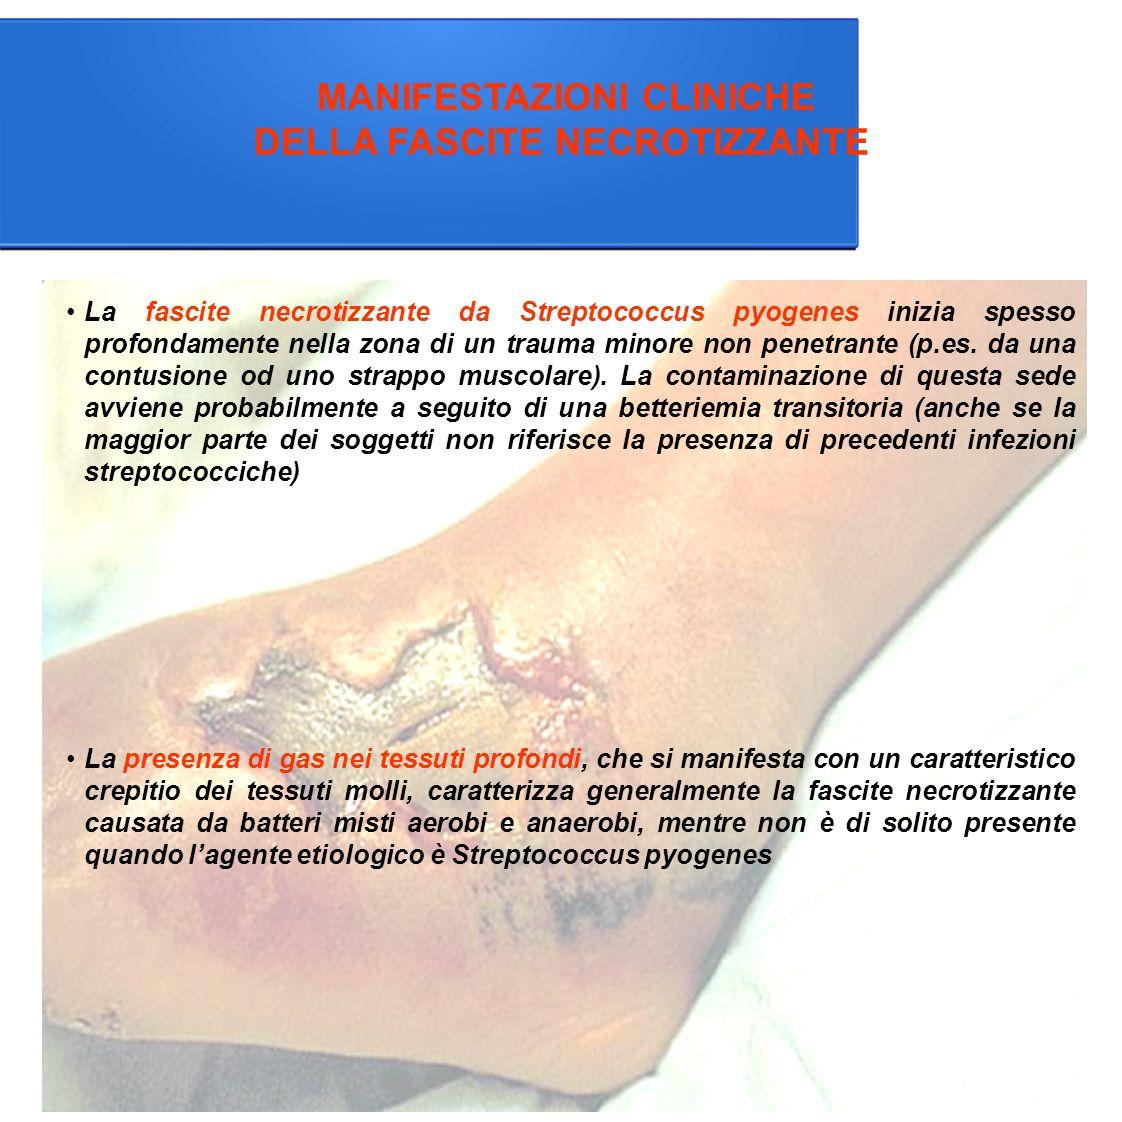 MANIFESTAZIONI CLINICHE DELLA FASCITE NECROTIZZANTE La presenza di gas nei tessuti profondi, che si manifesta con un caratteristico crepitio dei tessuti molli, caratterizza generalmente la fascite necrotizzante causata da batteri misti aerobi e anaerobi, mentre non è di solito presente quando l'agente etiologico è Streptococcus pyogenes La fascite necrotizzante da Streptococcus pyogenes inizia spesso profondamente nella zona di un trauma minore non penetrante (p.es.